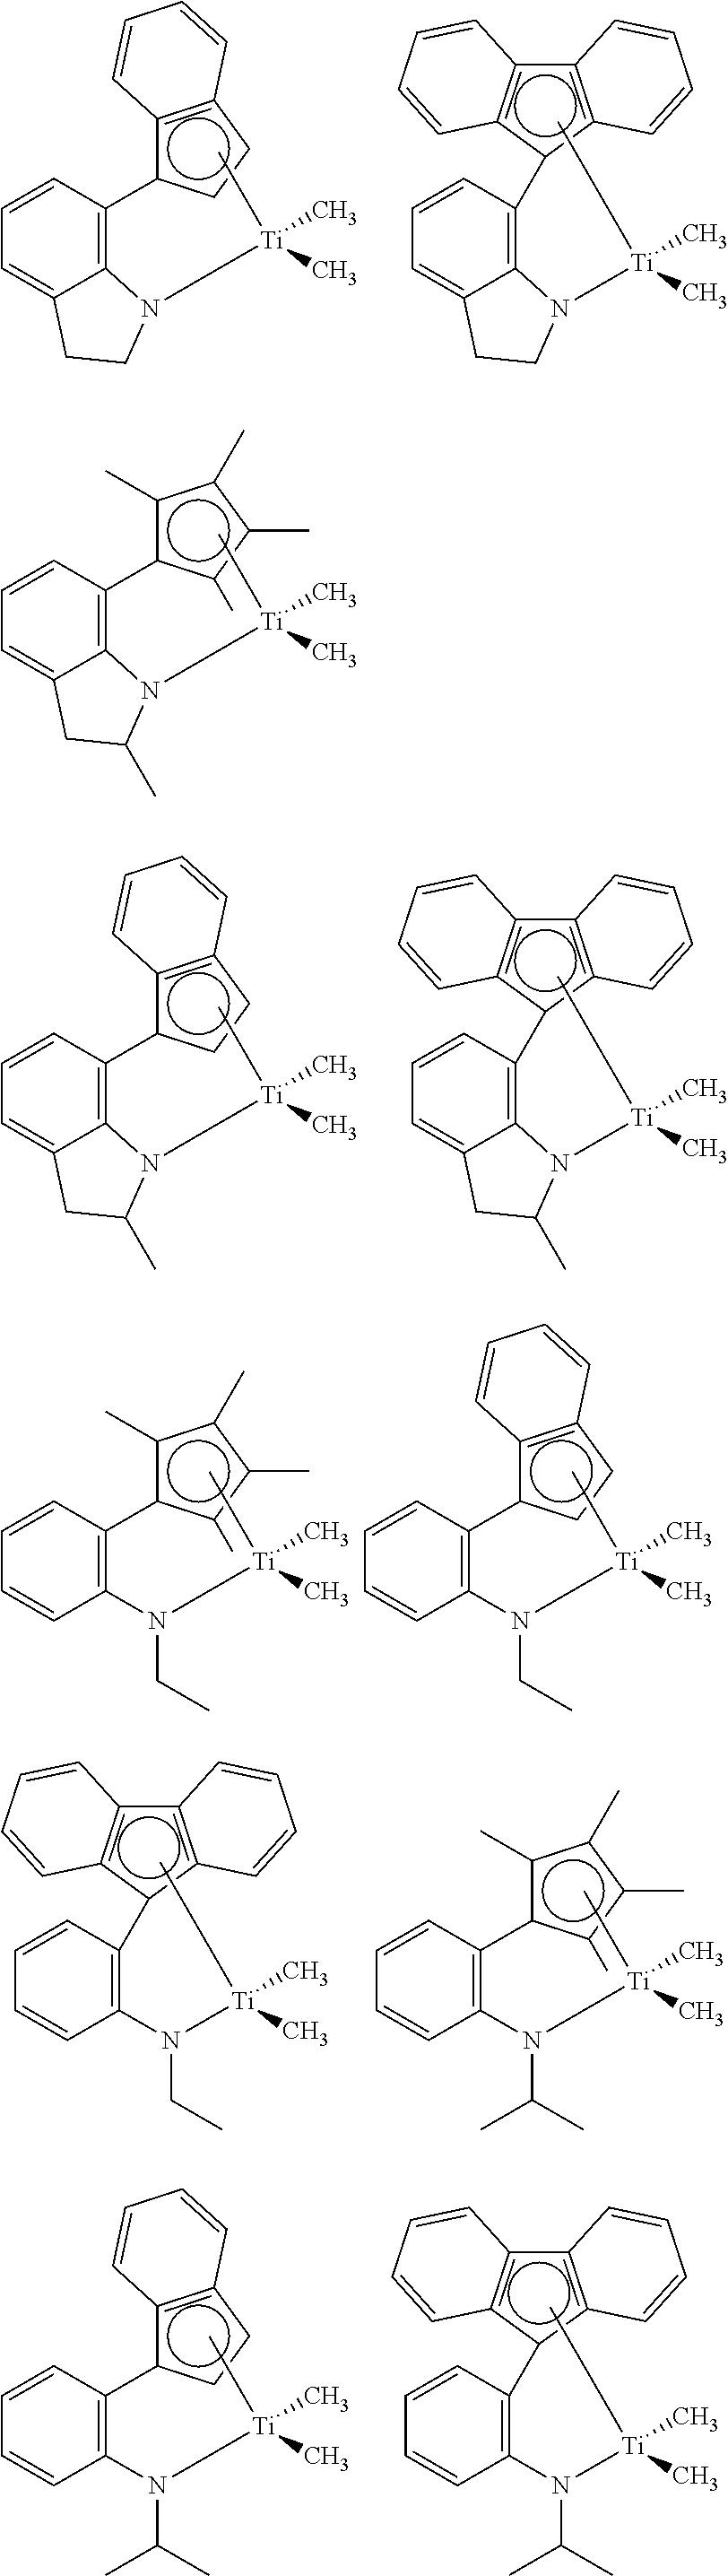 Figure US07932207-20110426-C00012